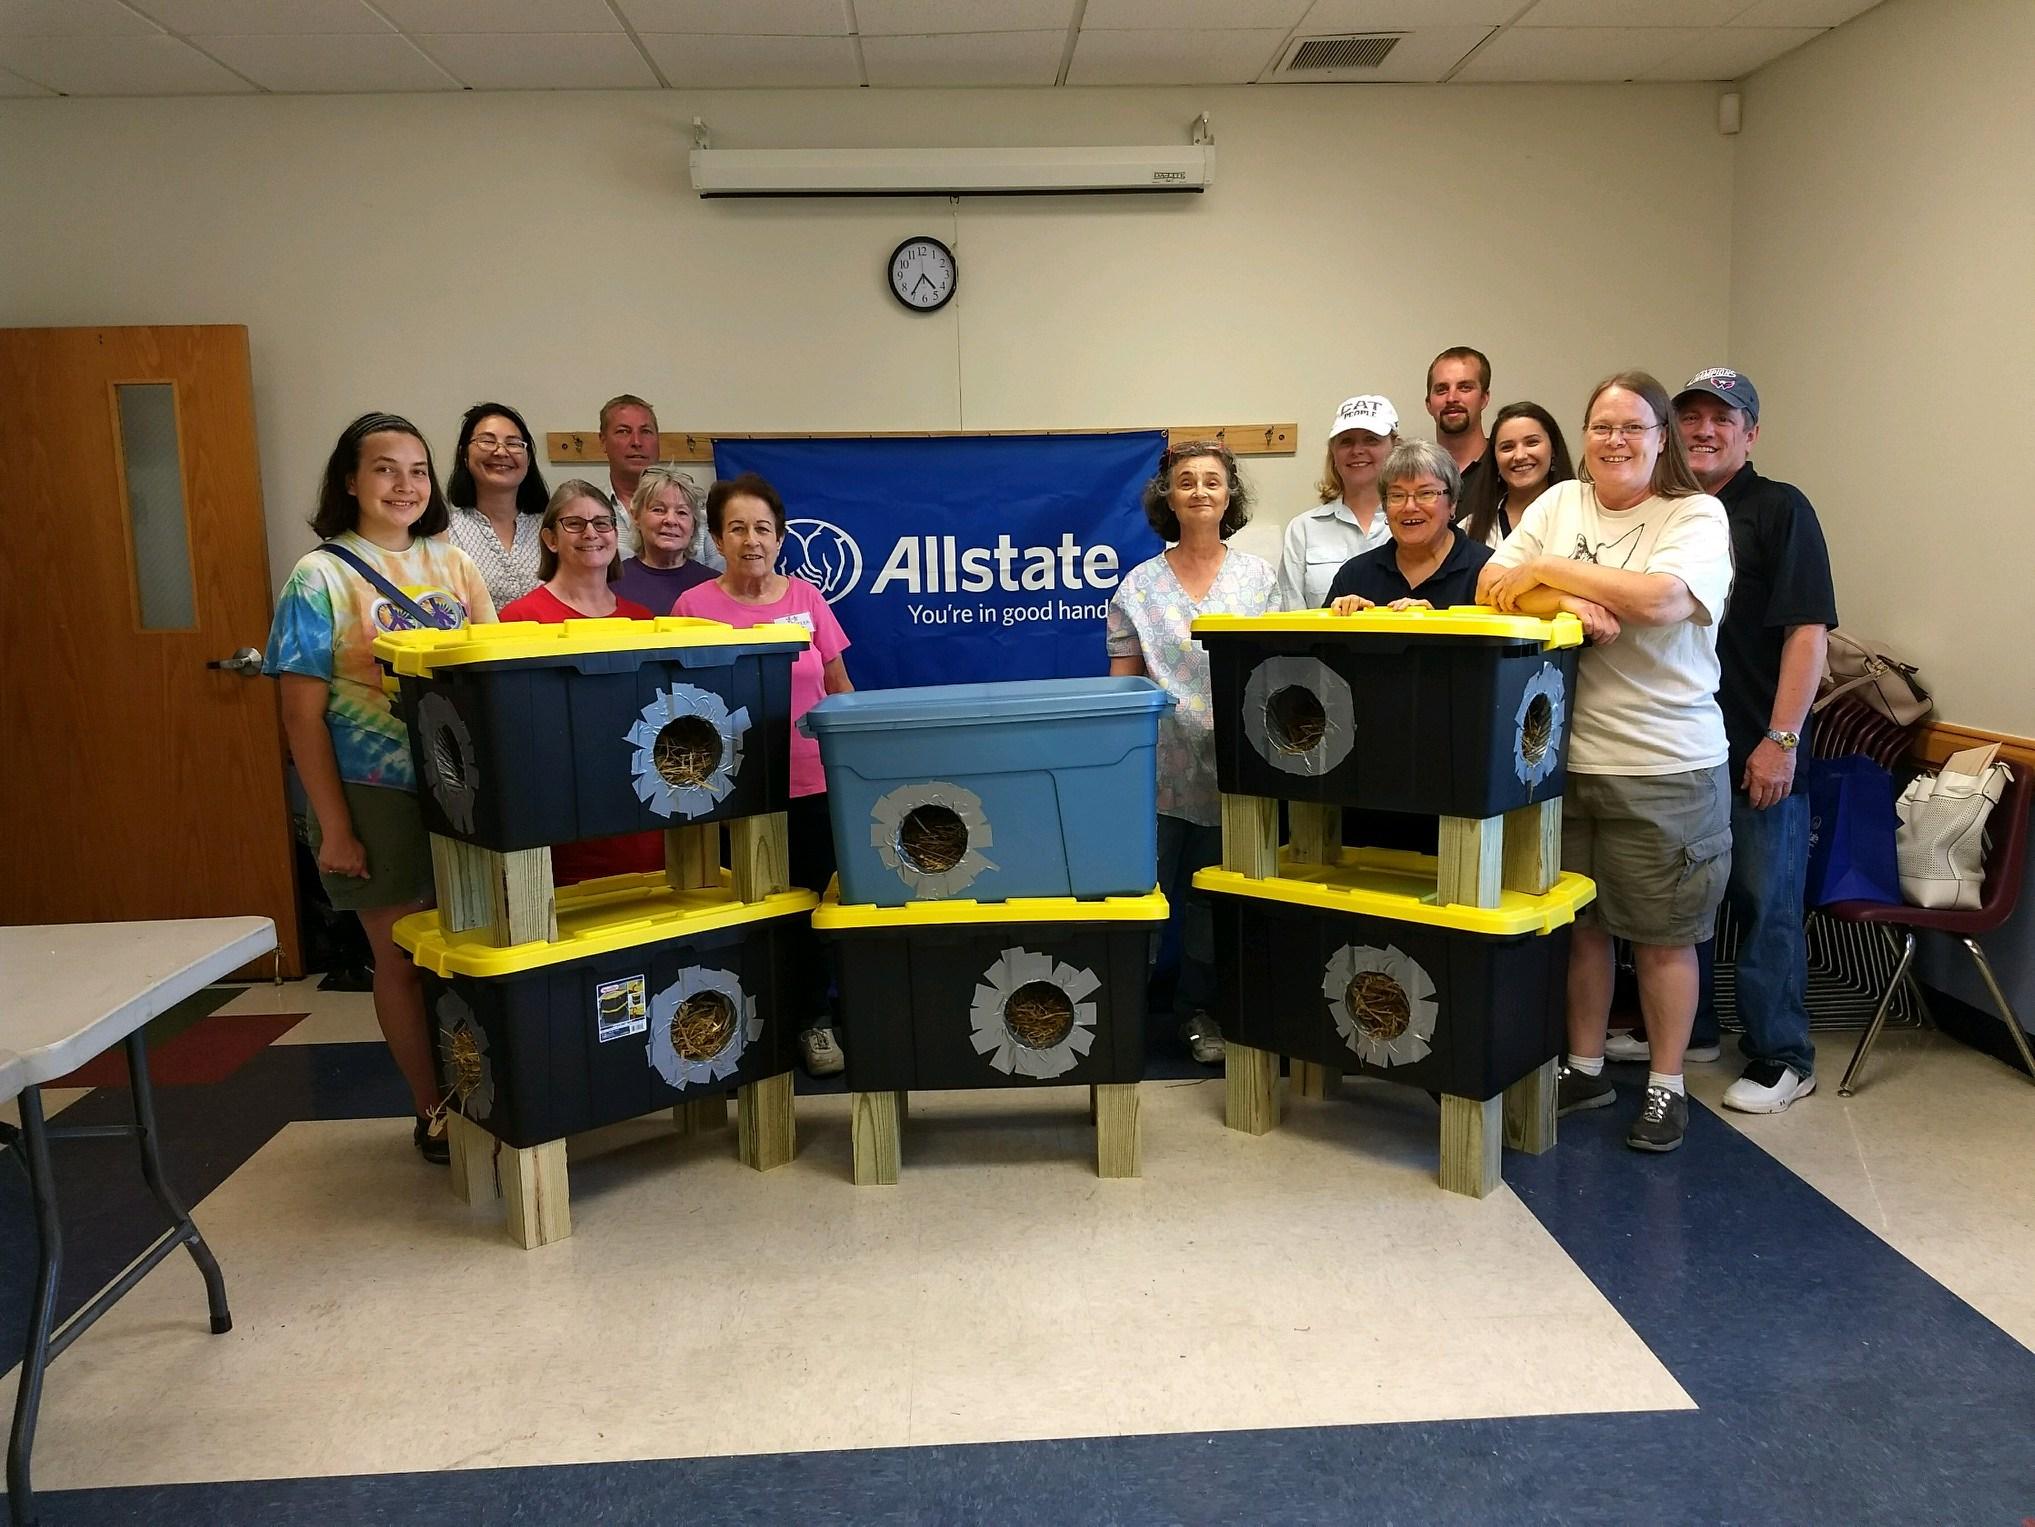 Cinda Bennett: Allstate Insurance image 11